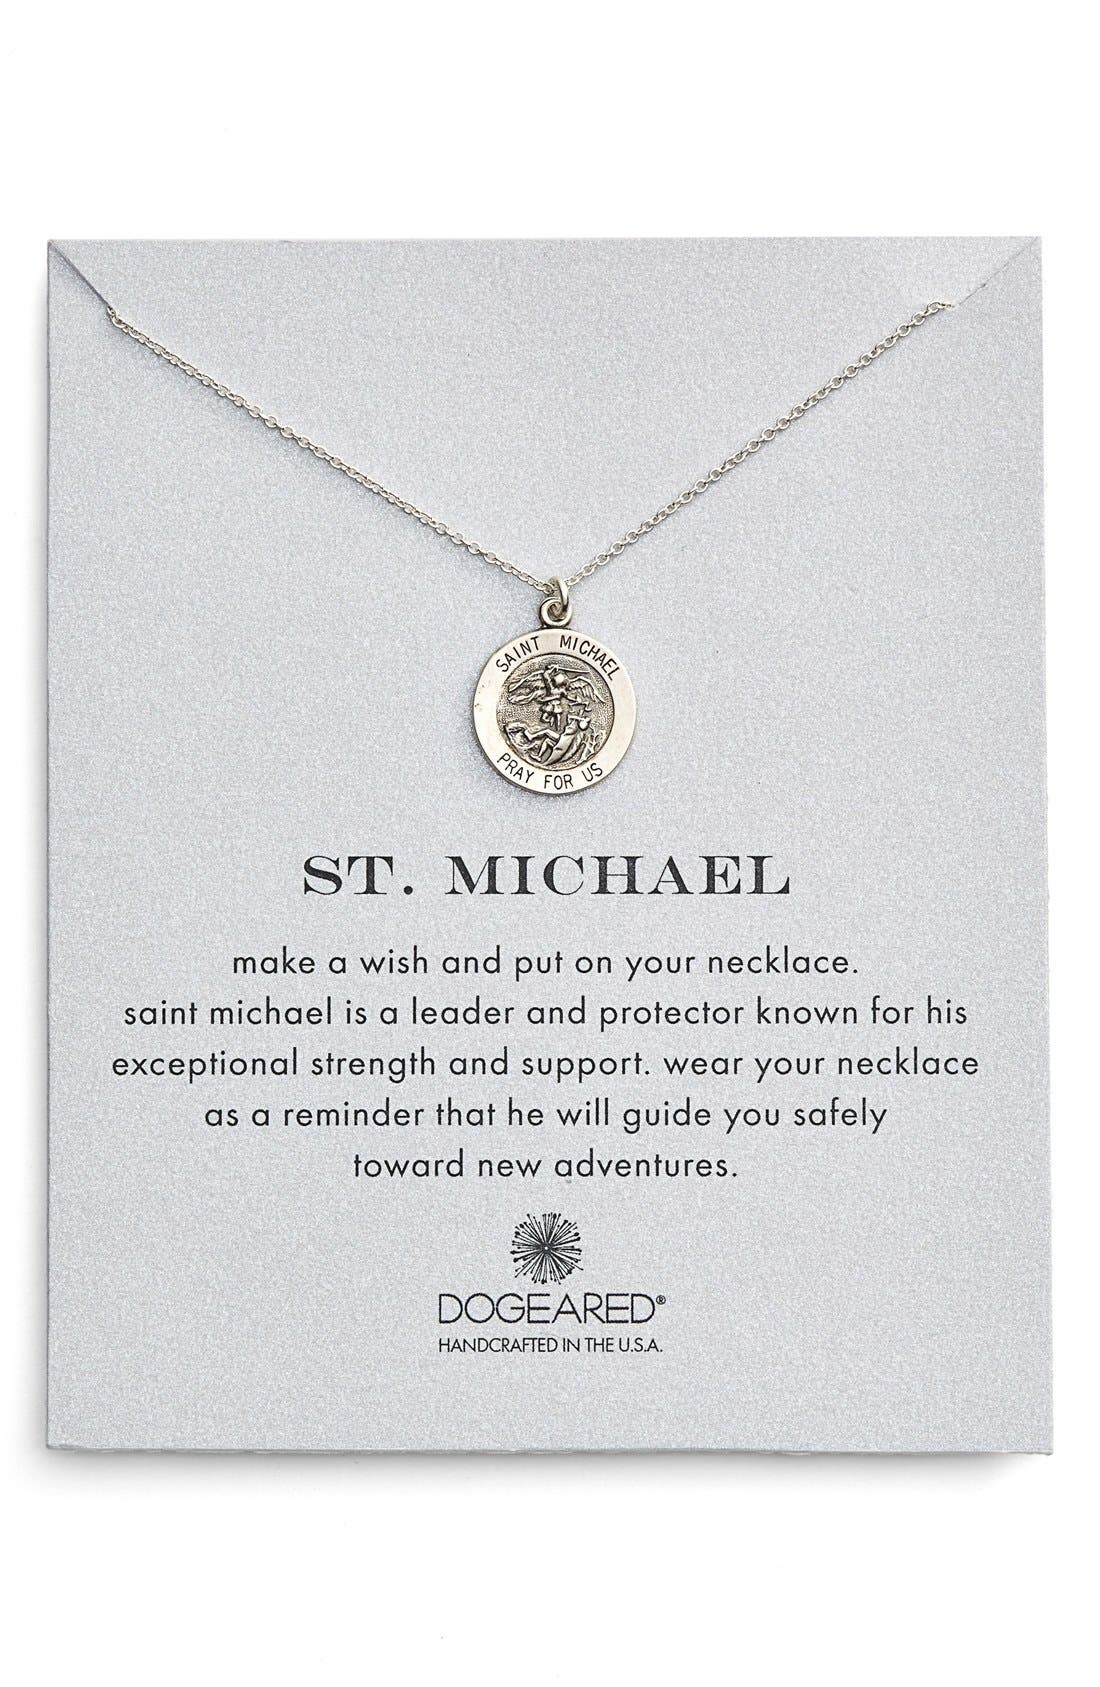 St. Michael Pendant Necklace,                             Alternate thumbnail 4, color,                             040